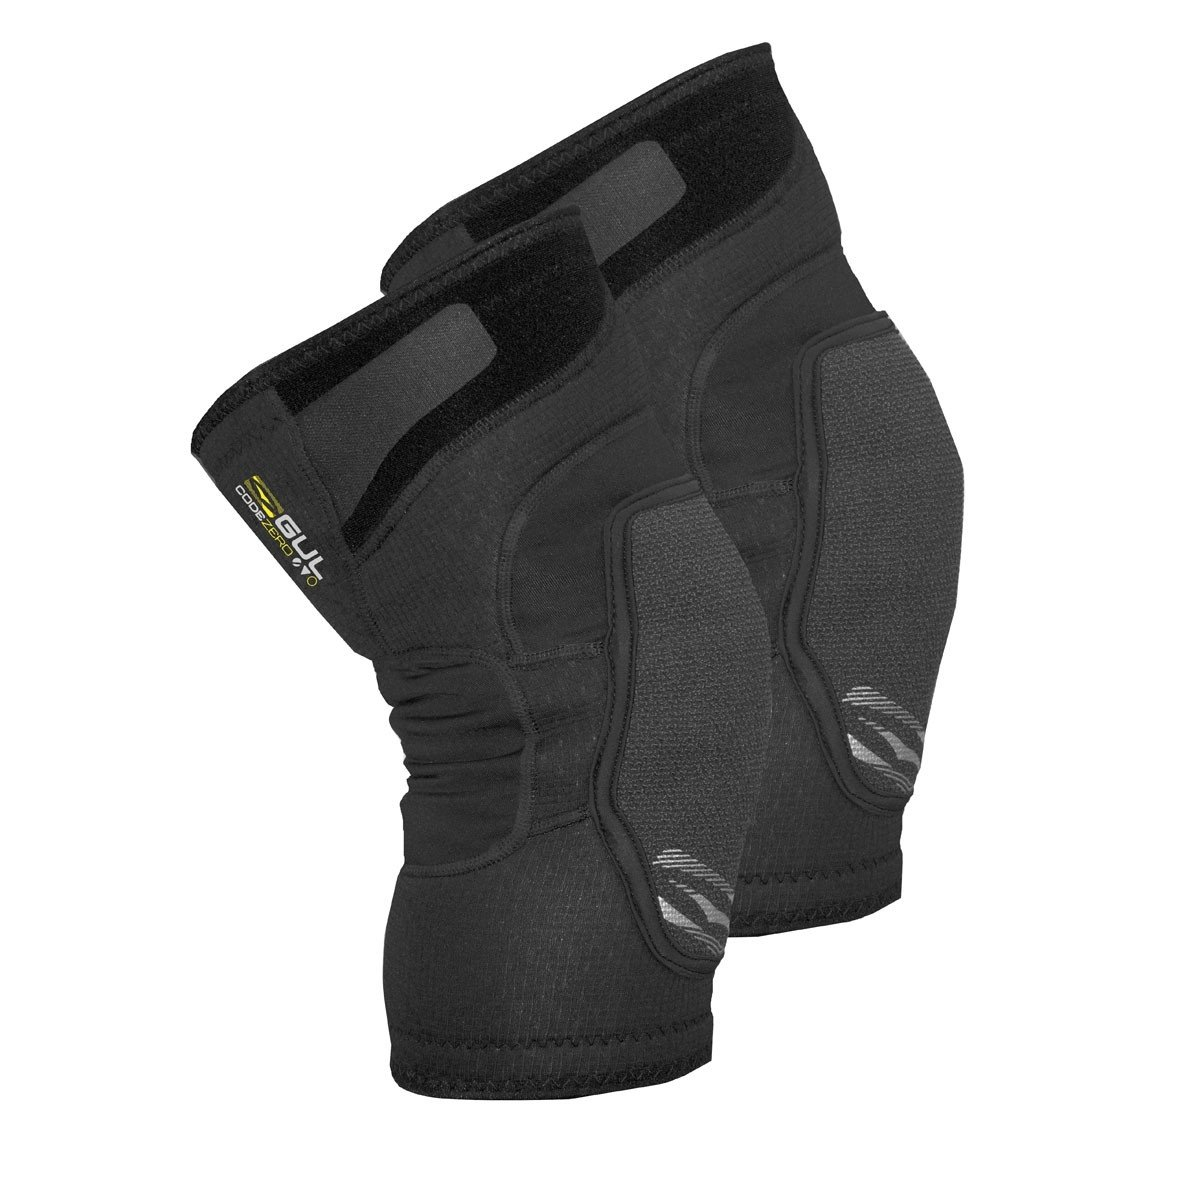 Gul Code Zero  Pro Knee Pads   Gm0362-B1